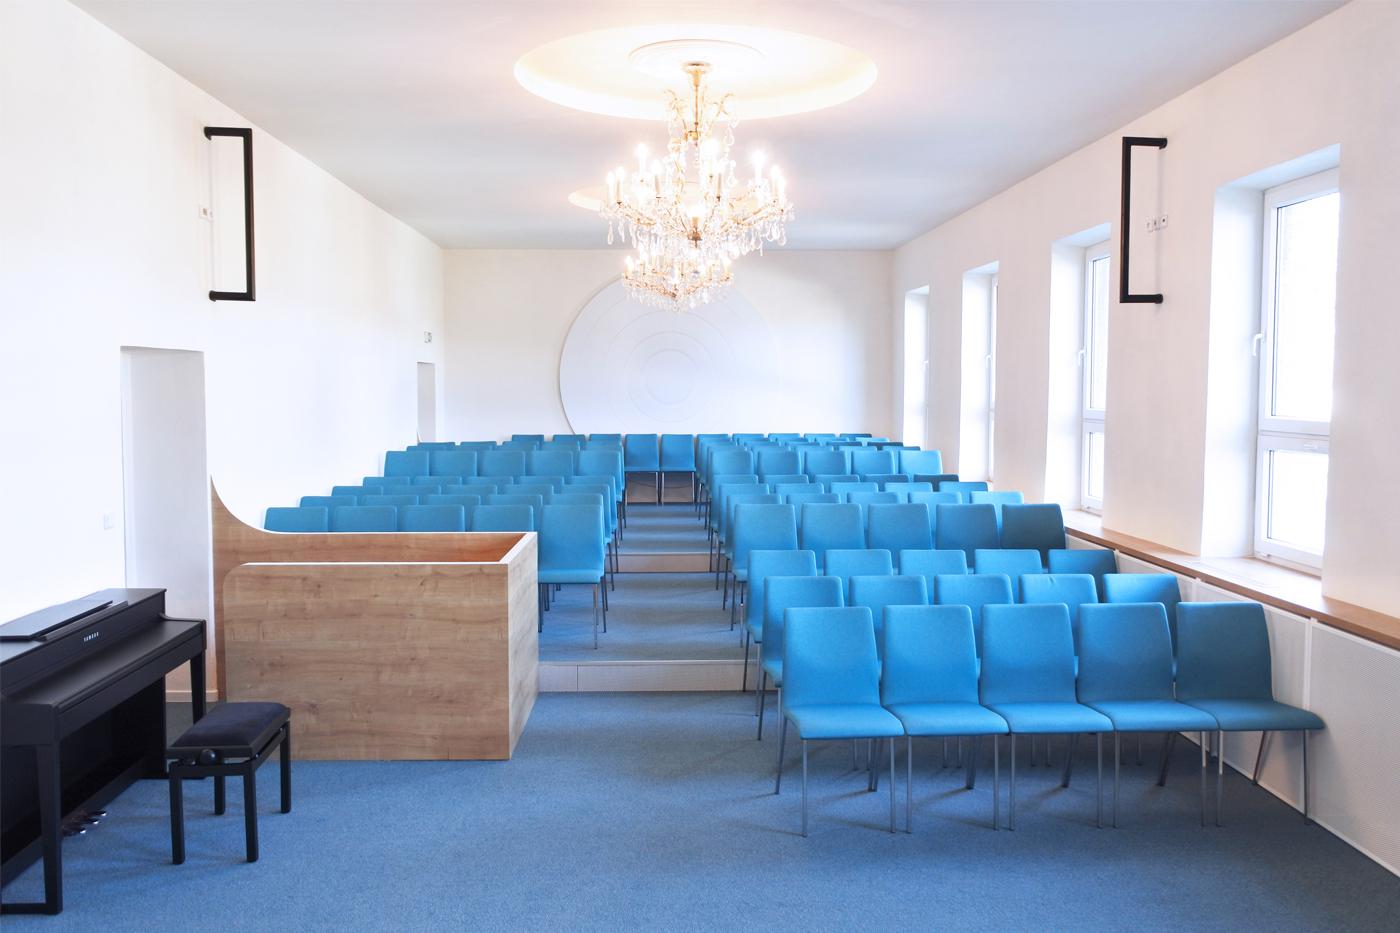 Modernizace sálu ( v rámci rekonstrukce interiéru budovy) přinesla stupňovité hlediště se zakomponovaným zvukařským pultem. ( Na fotkách chybí reproduktory odposlechů a směrové osvětlení zavěšené na černých rampách.